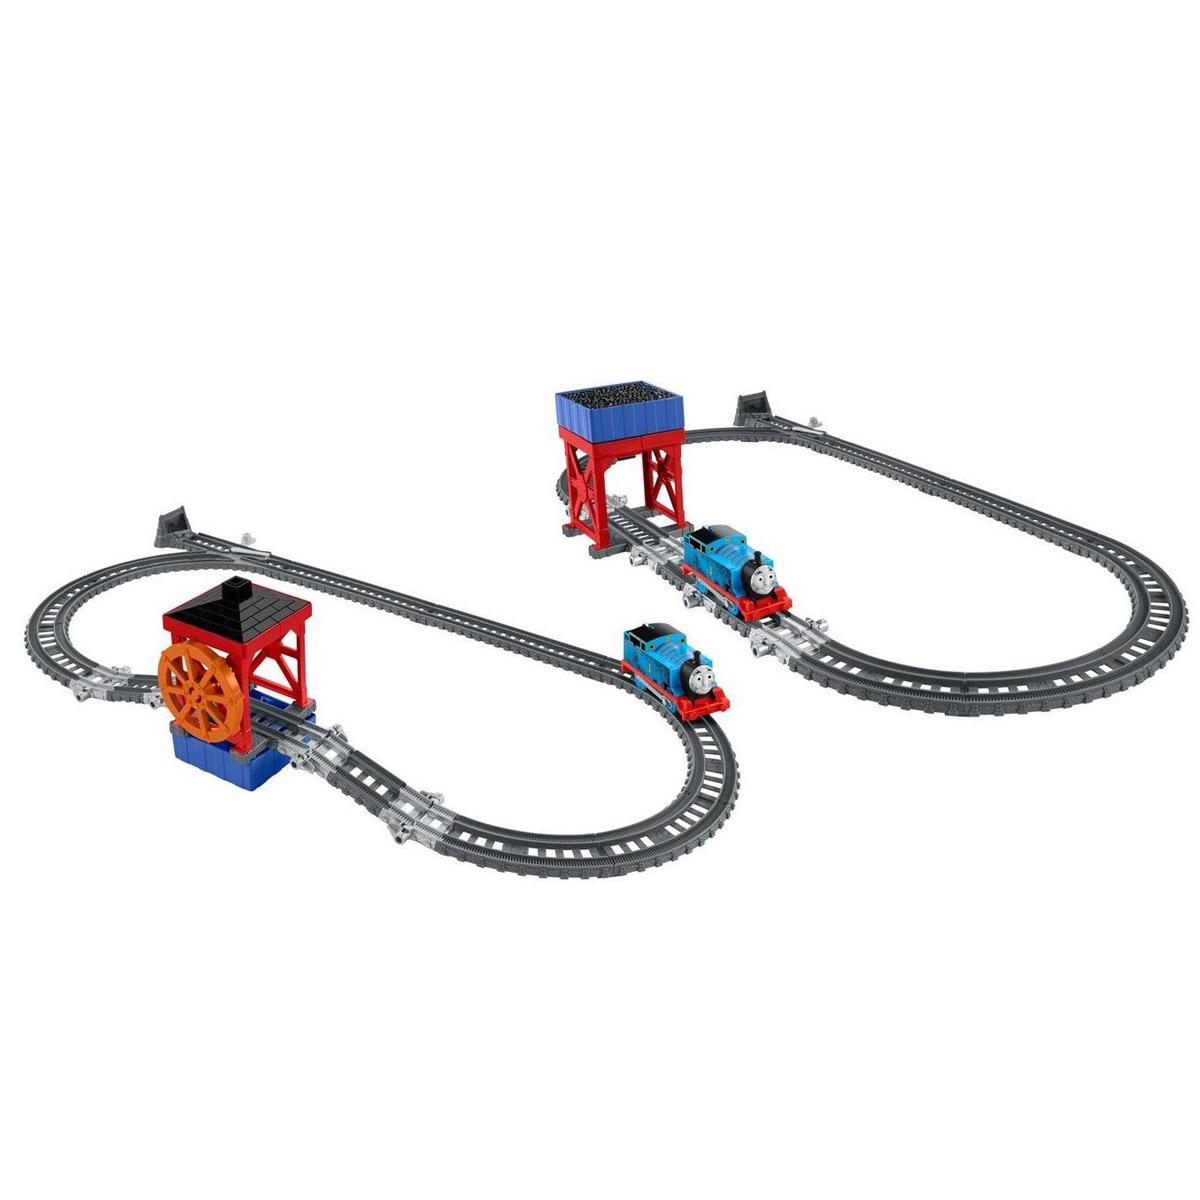 Томас и его друзья. Набор 2-в-1 - Угольный бункер/Водяное колесоДетская железная дорога<br>Томас и его друзья. Набор 2-в-1 - Угольный бункер/Водяное колесо<br>